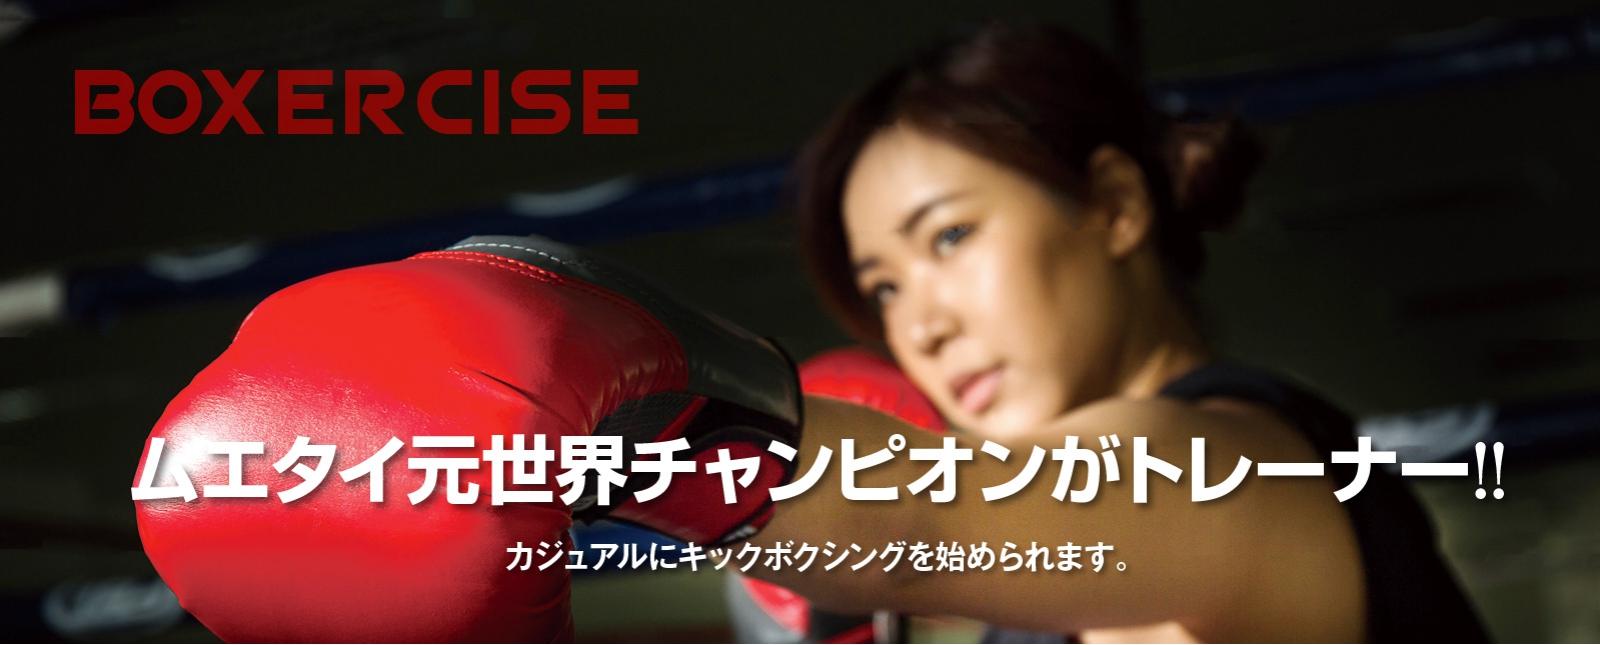 広島中区キックボクシングジム HADES WORK OUT GYM(ハーデスワークアウトジム) ムエタイ元世界チャンピオンがトレーナー